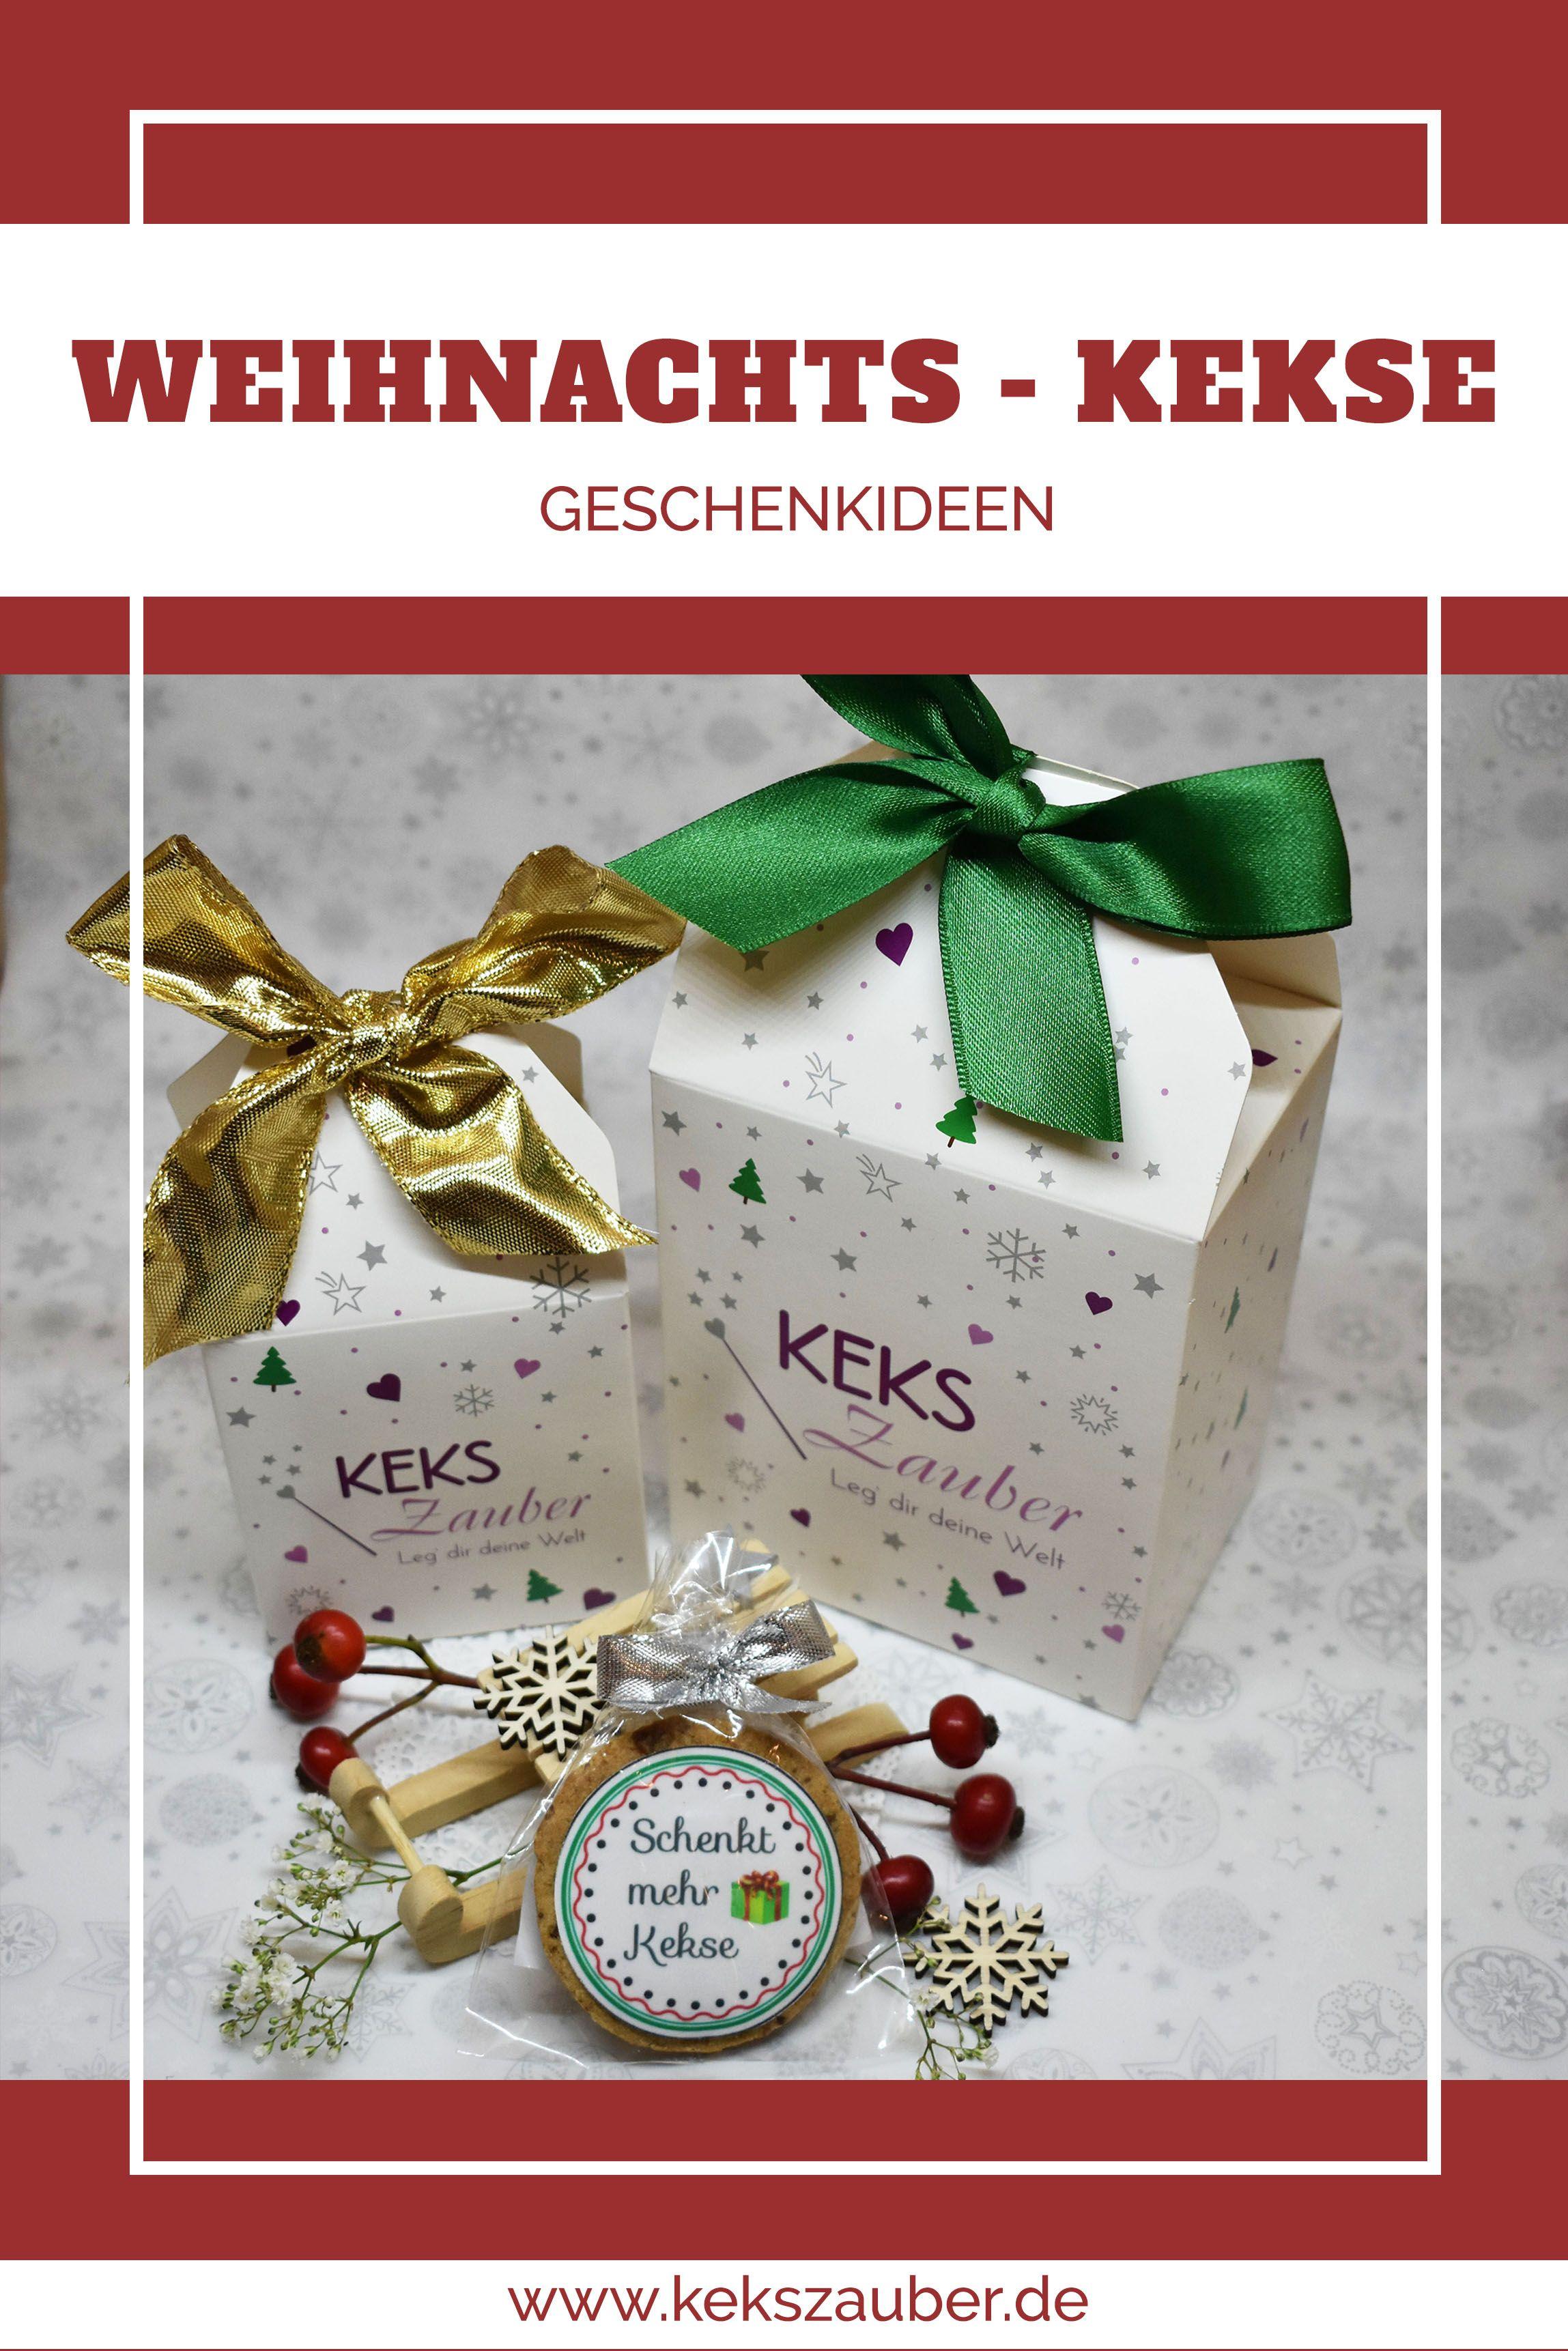 Weihnachtsgeschenke Keine Idee.Schenkt Mehr Kekse Dem Stimmen Wir Gerne Zu Ihr Habt Noch Keine